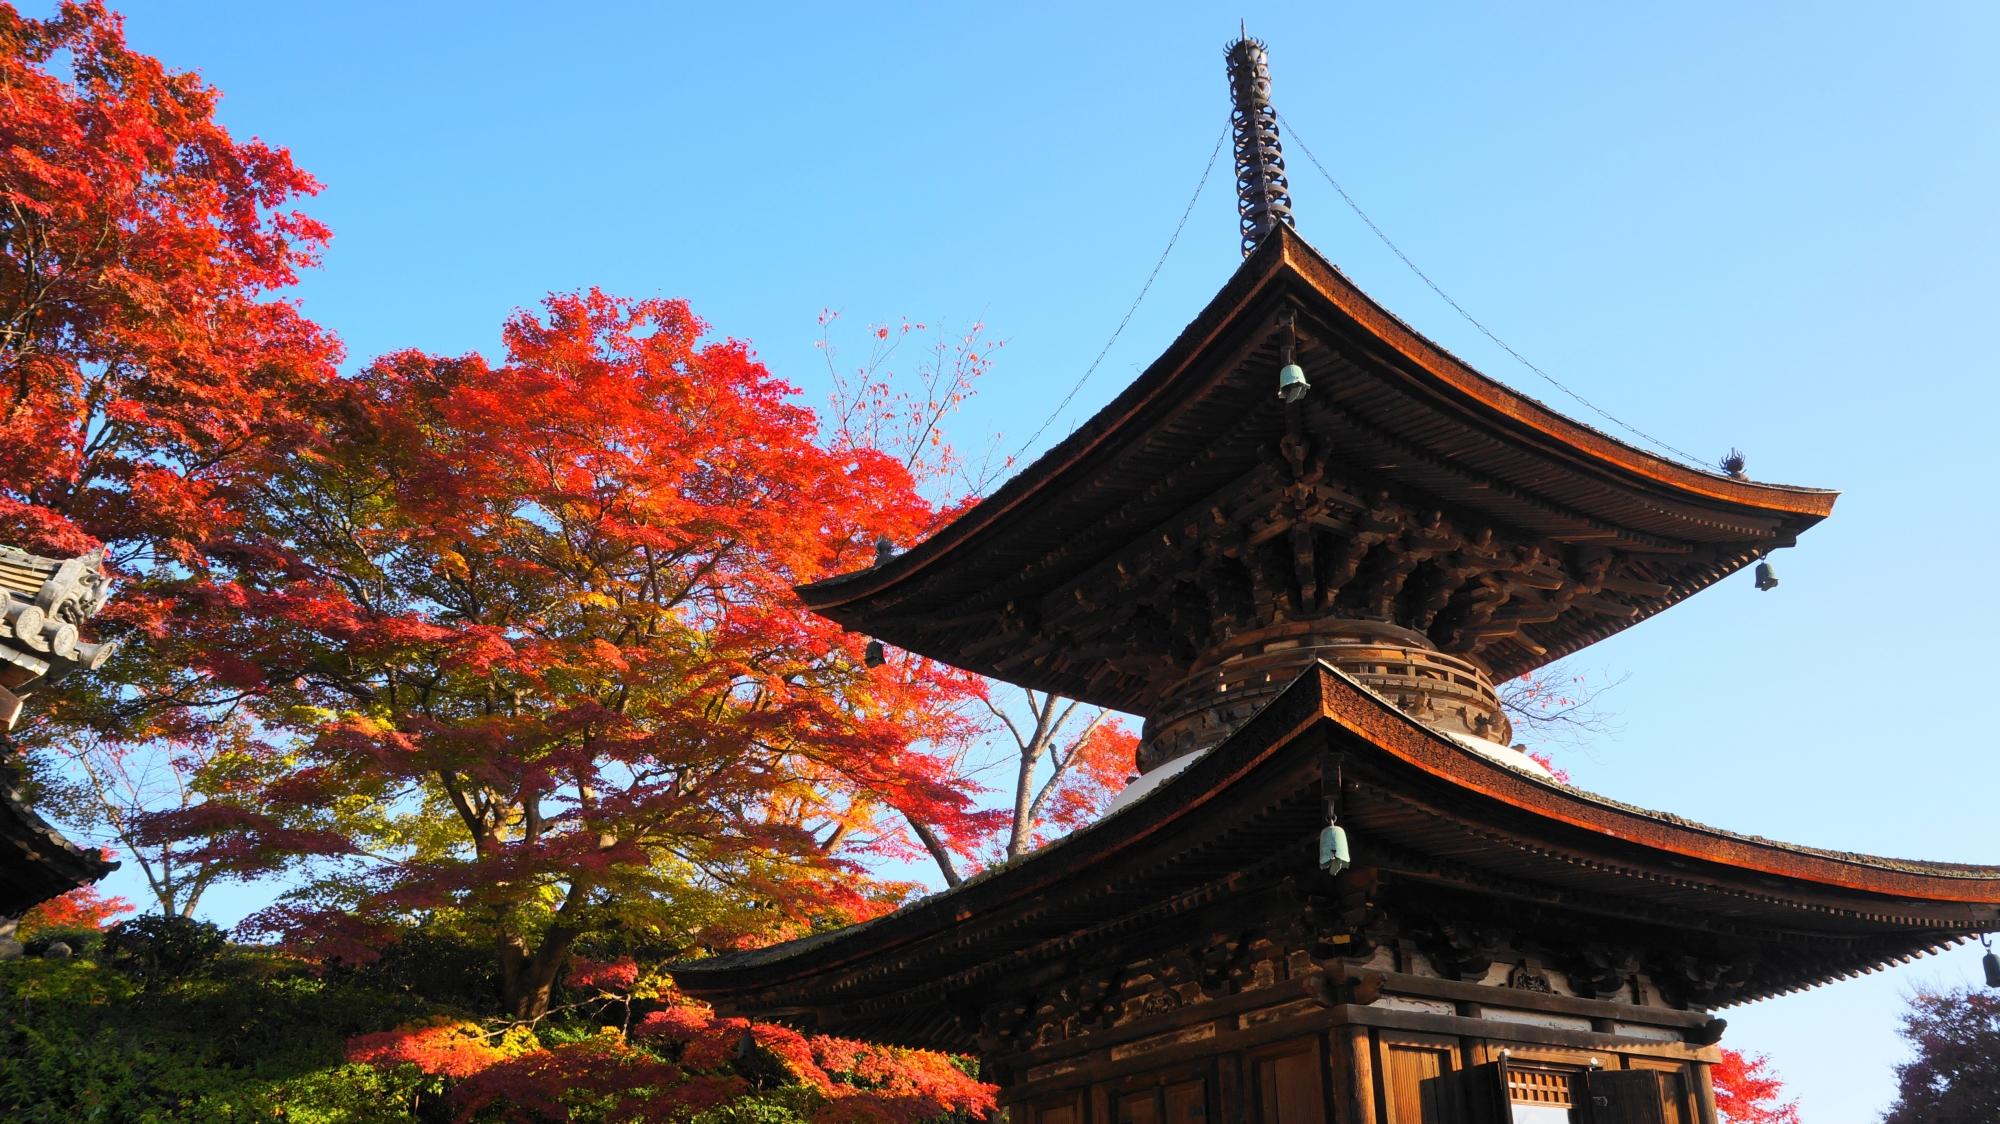 善峯寺の多宝塔と紅葉